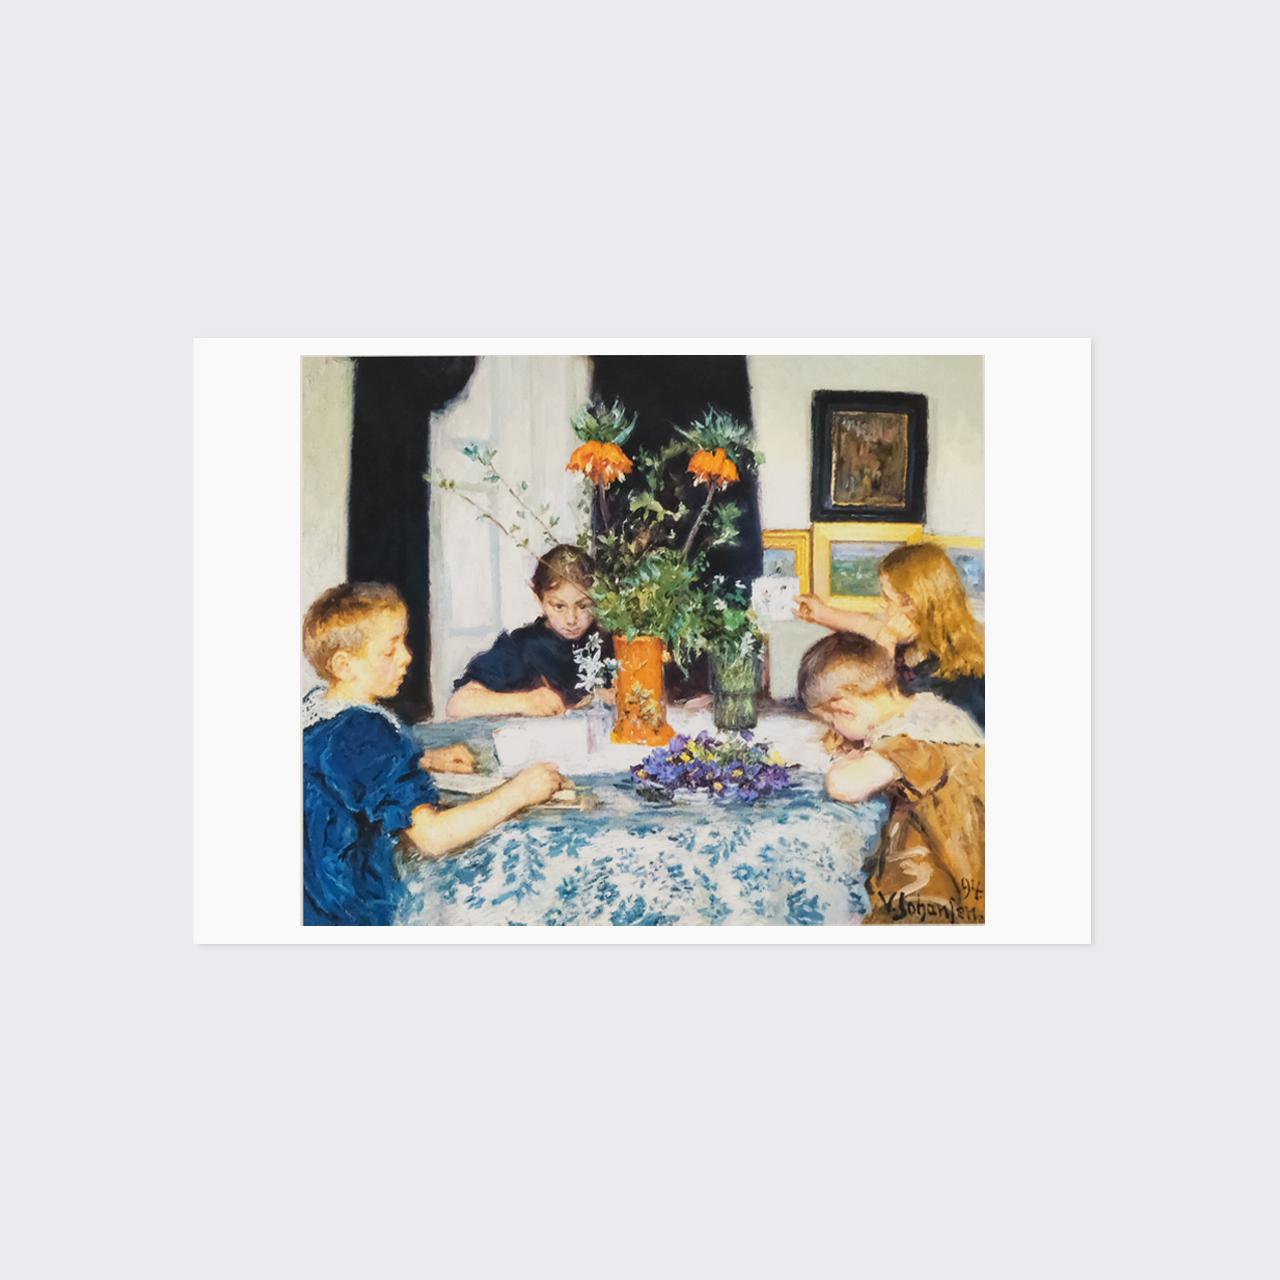 ヨハンスン ポストカード 「春の草花を描く子供たち」